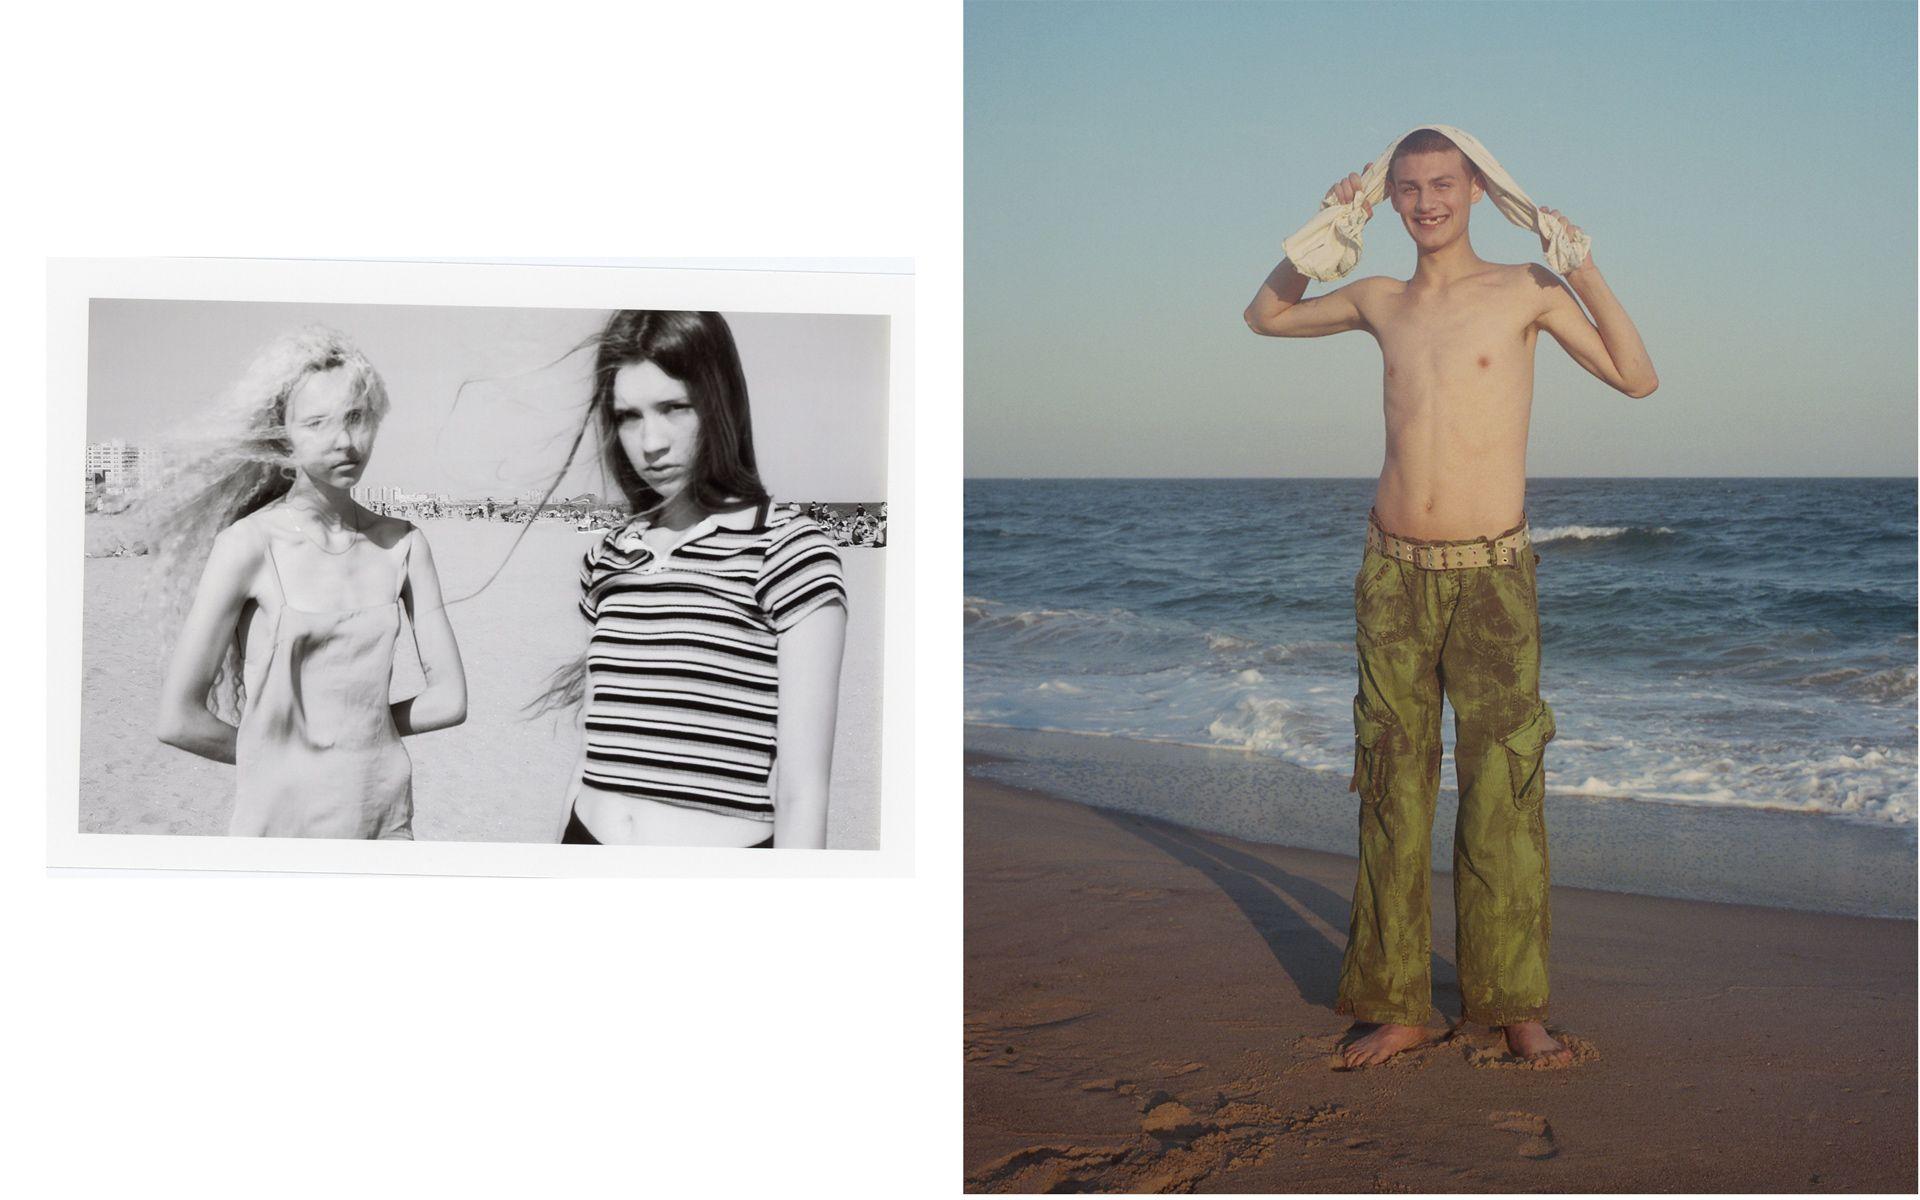 collage de deux images par Oumayma B. Tanfous pour DAZED